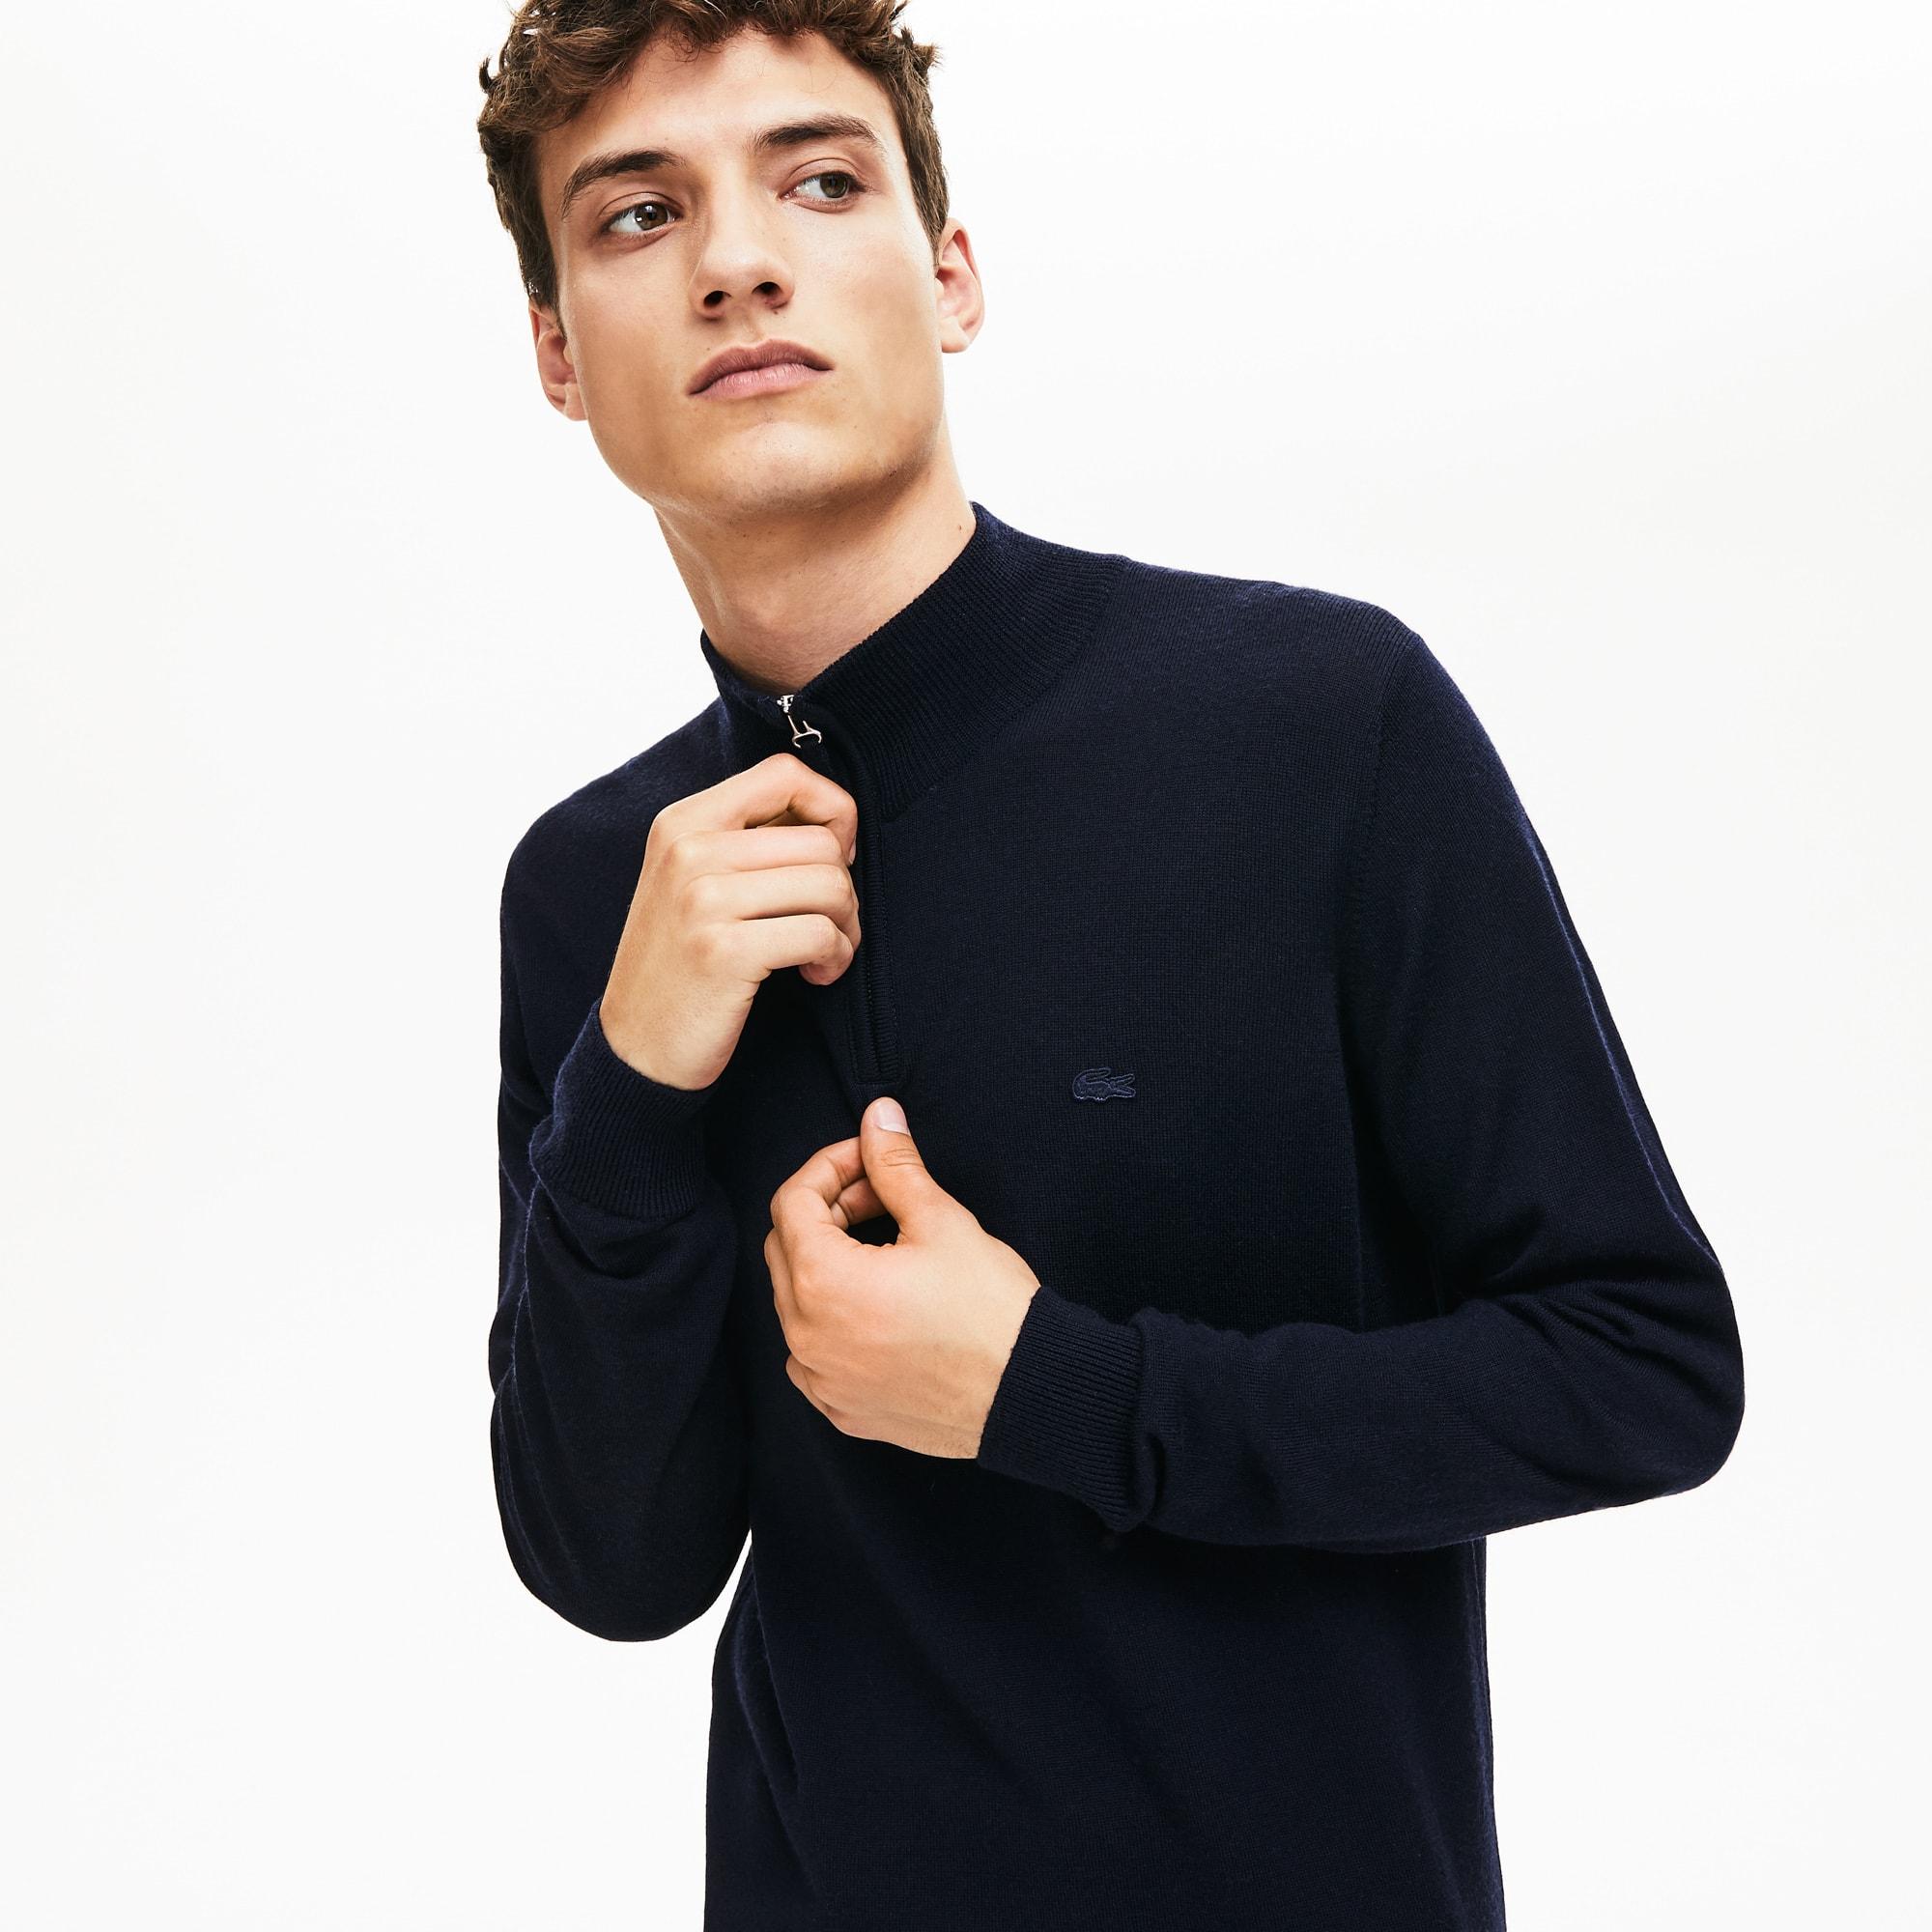 Jersey de hombre en tejido de punto de lana y cuello alto con cremallera